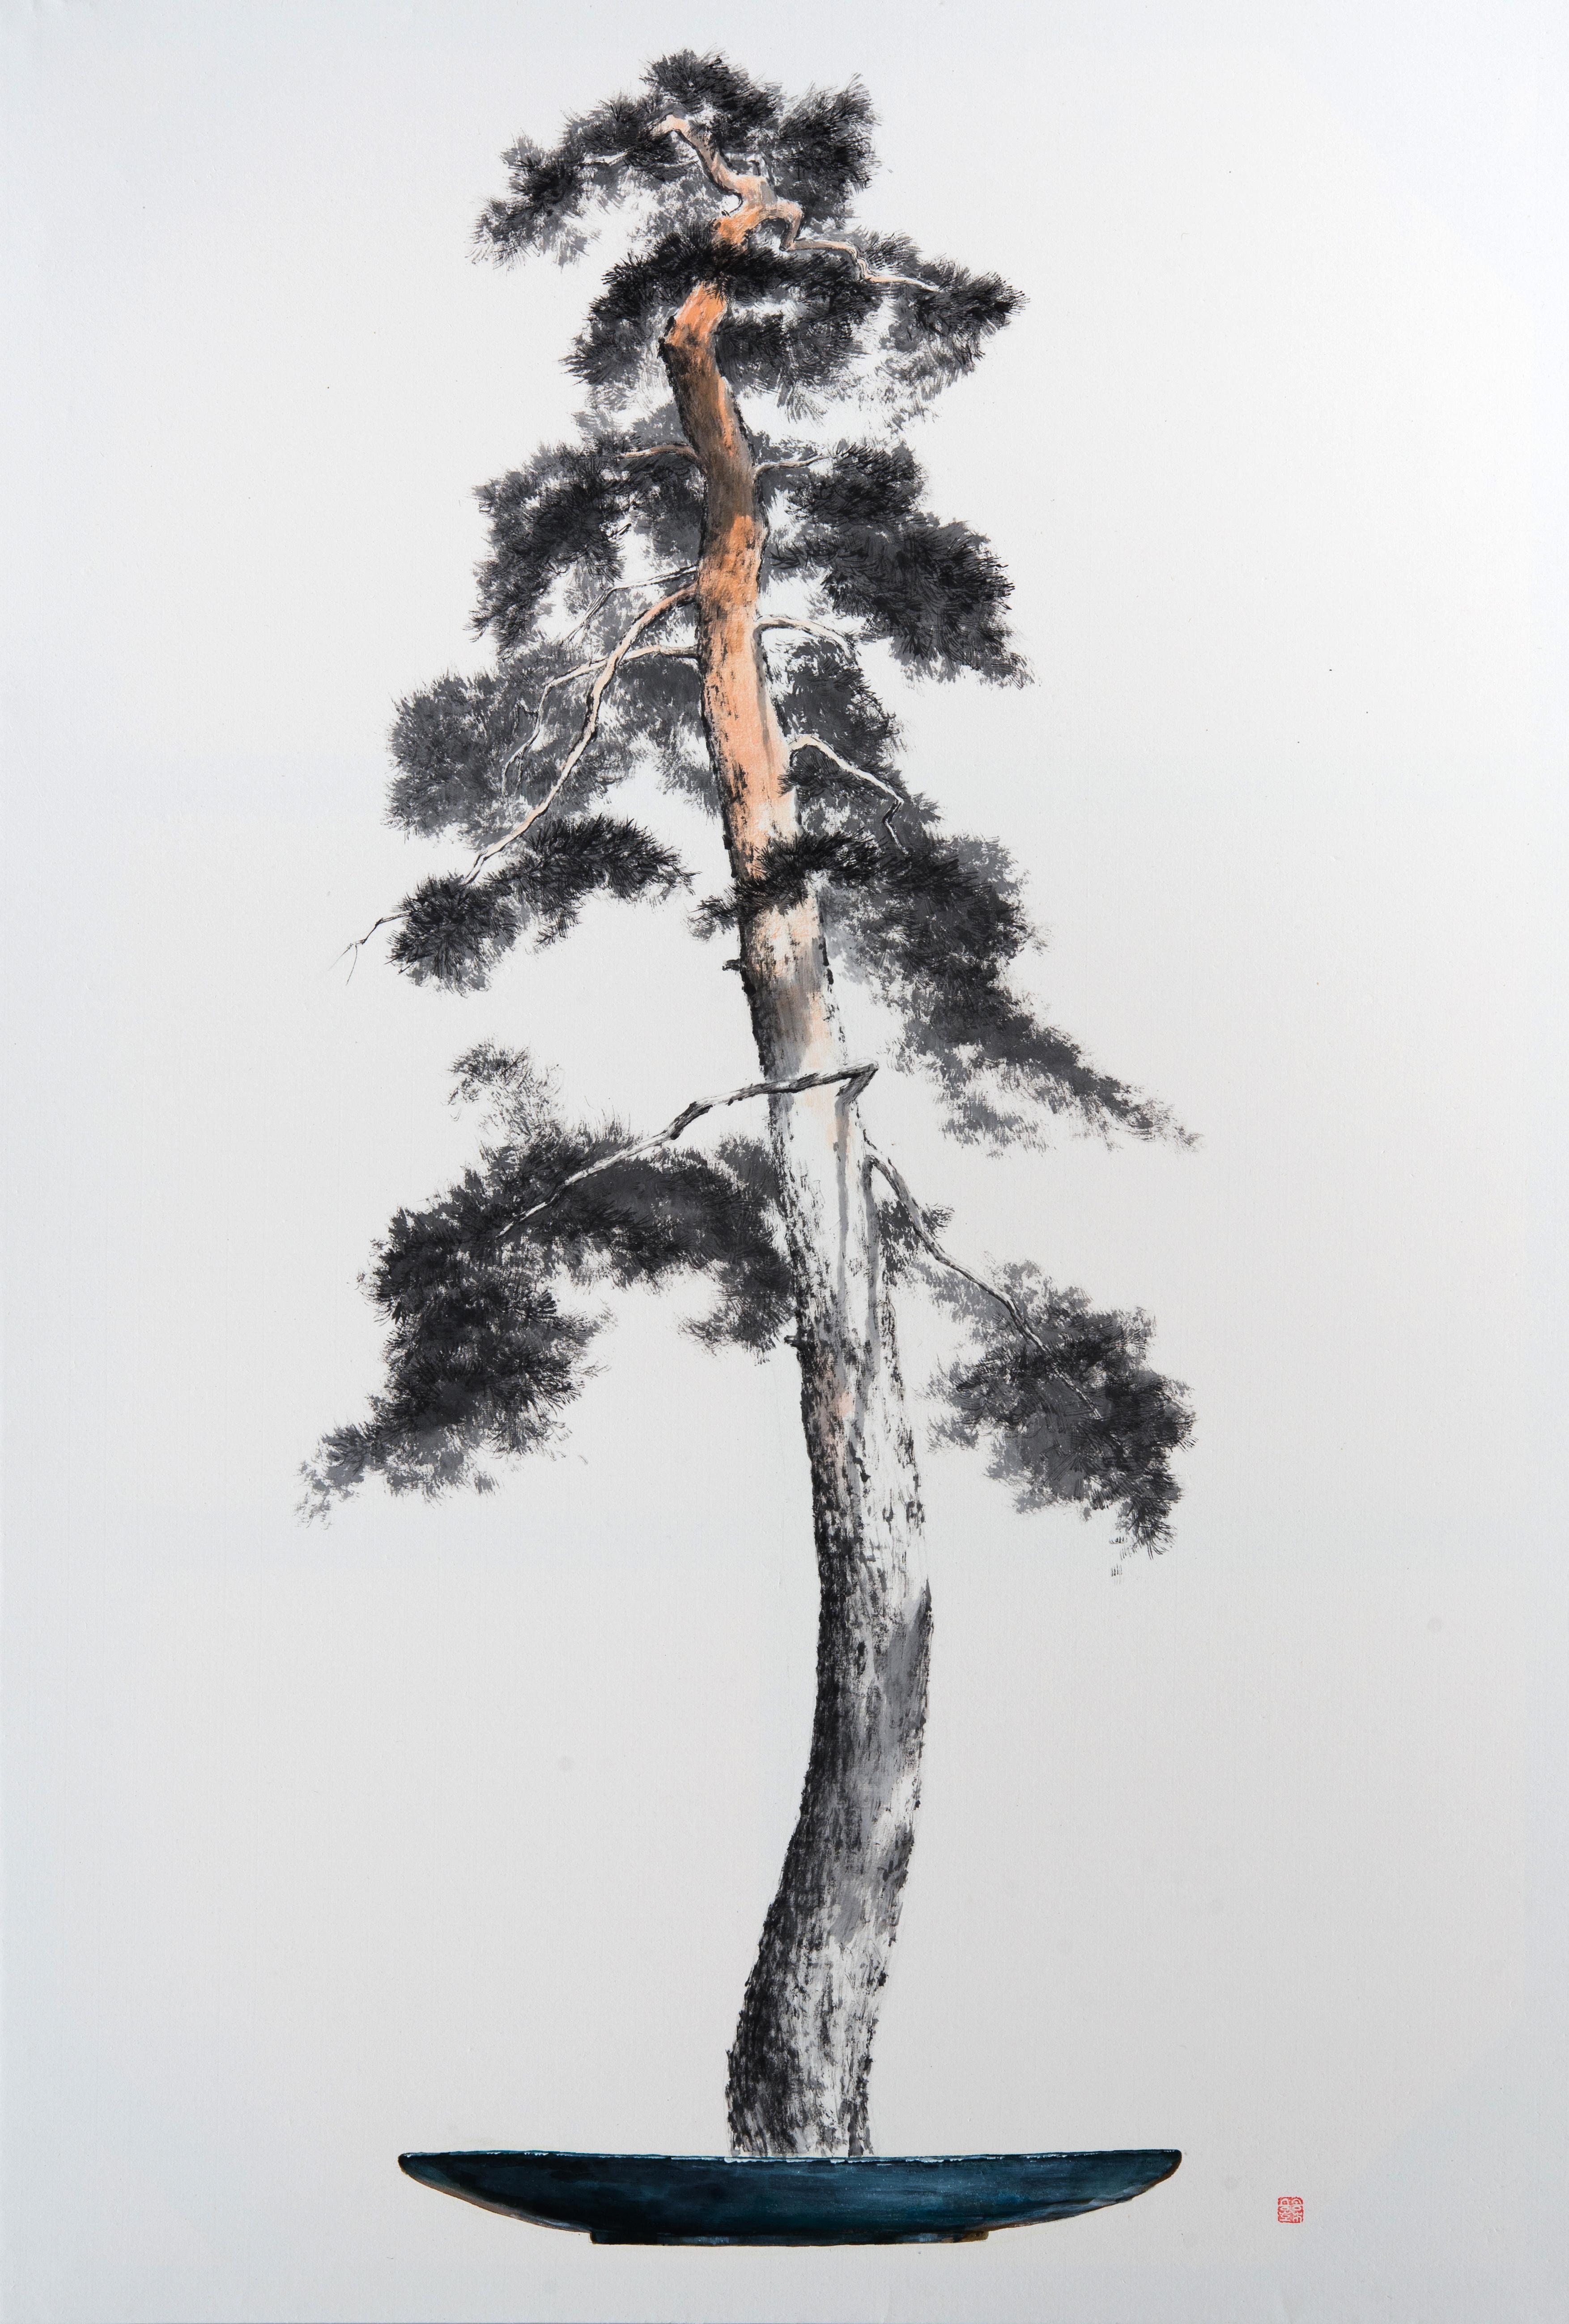 송승호_송뢰-초근목피, 117x80.2cm,화선지에 먹 아크릴,2015